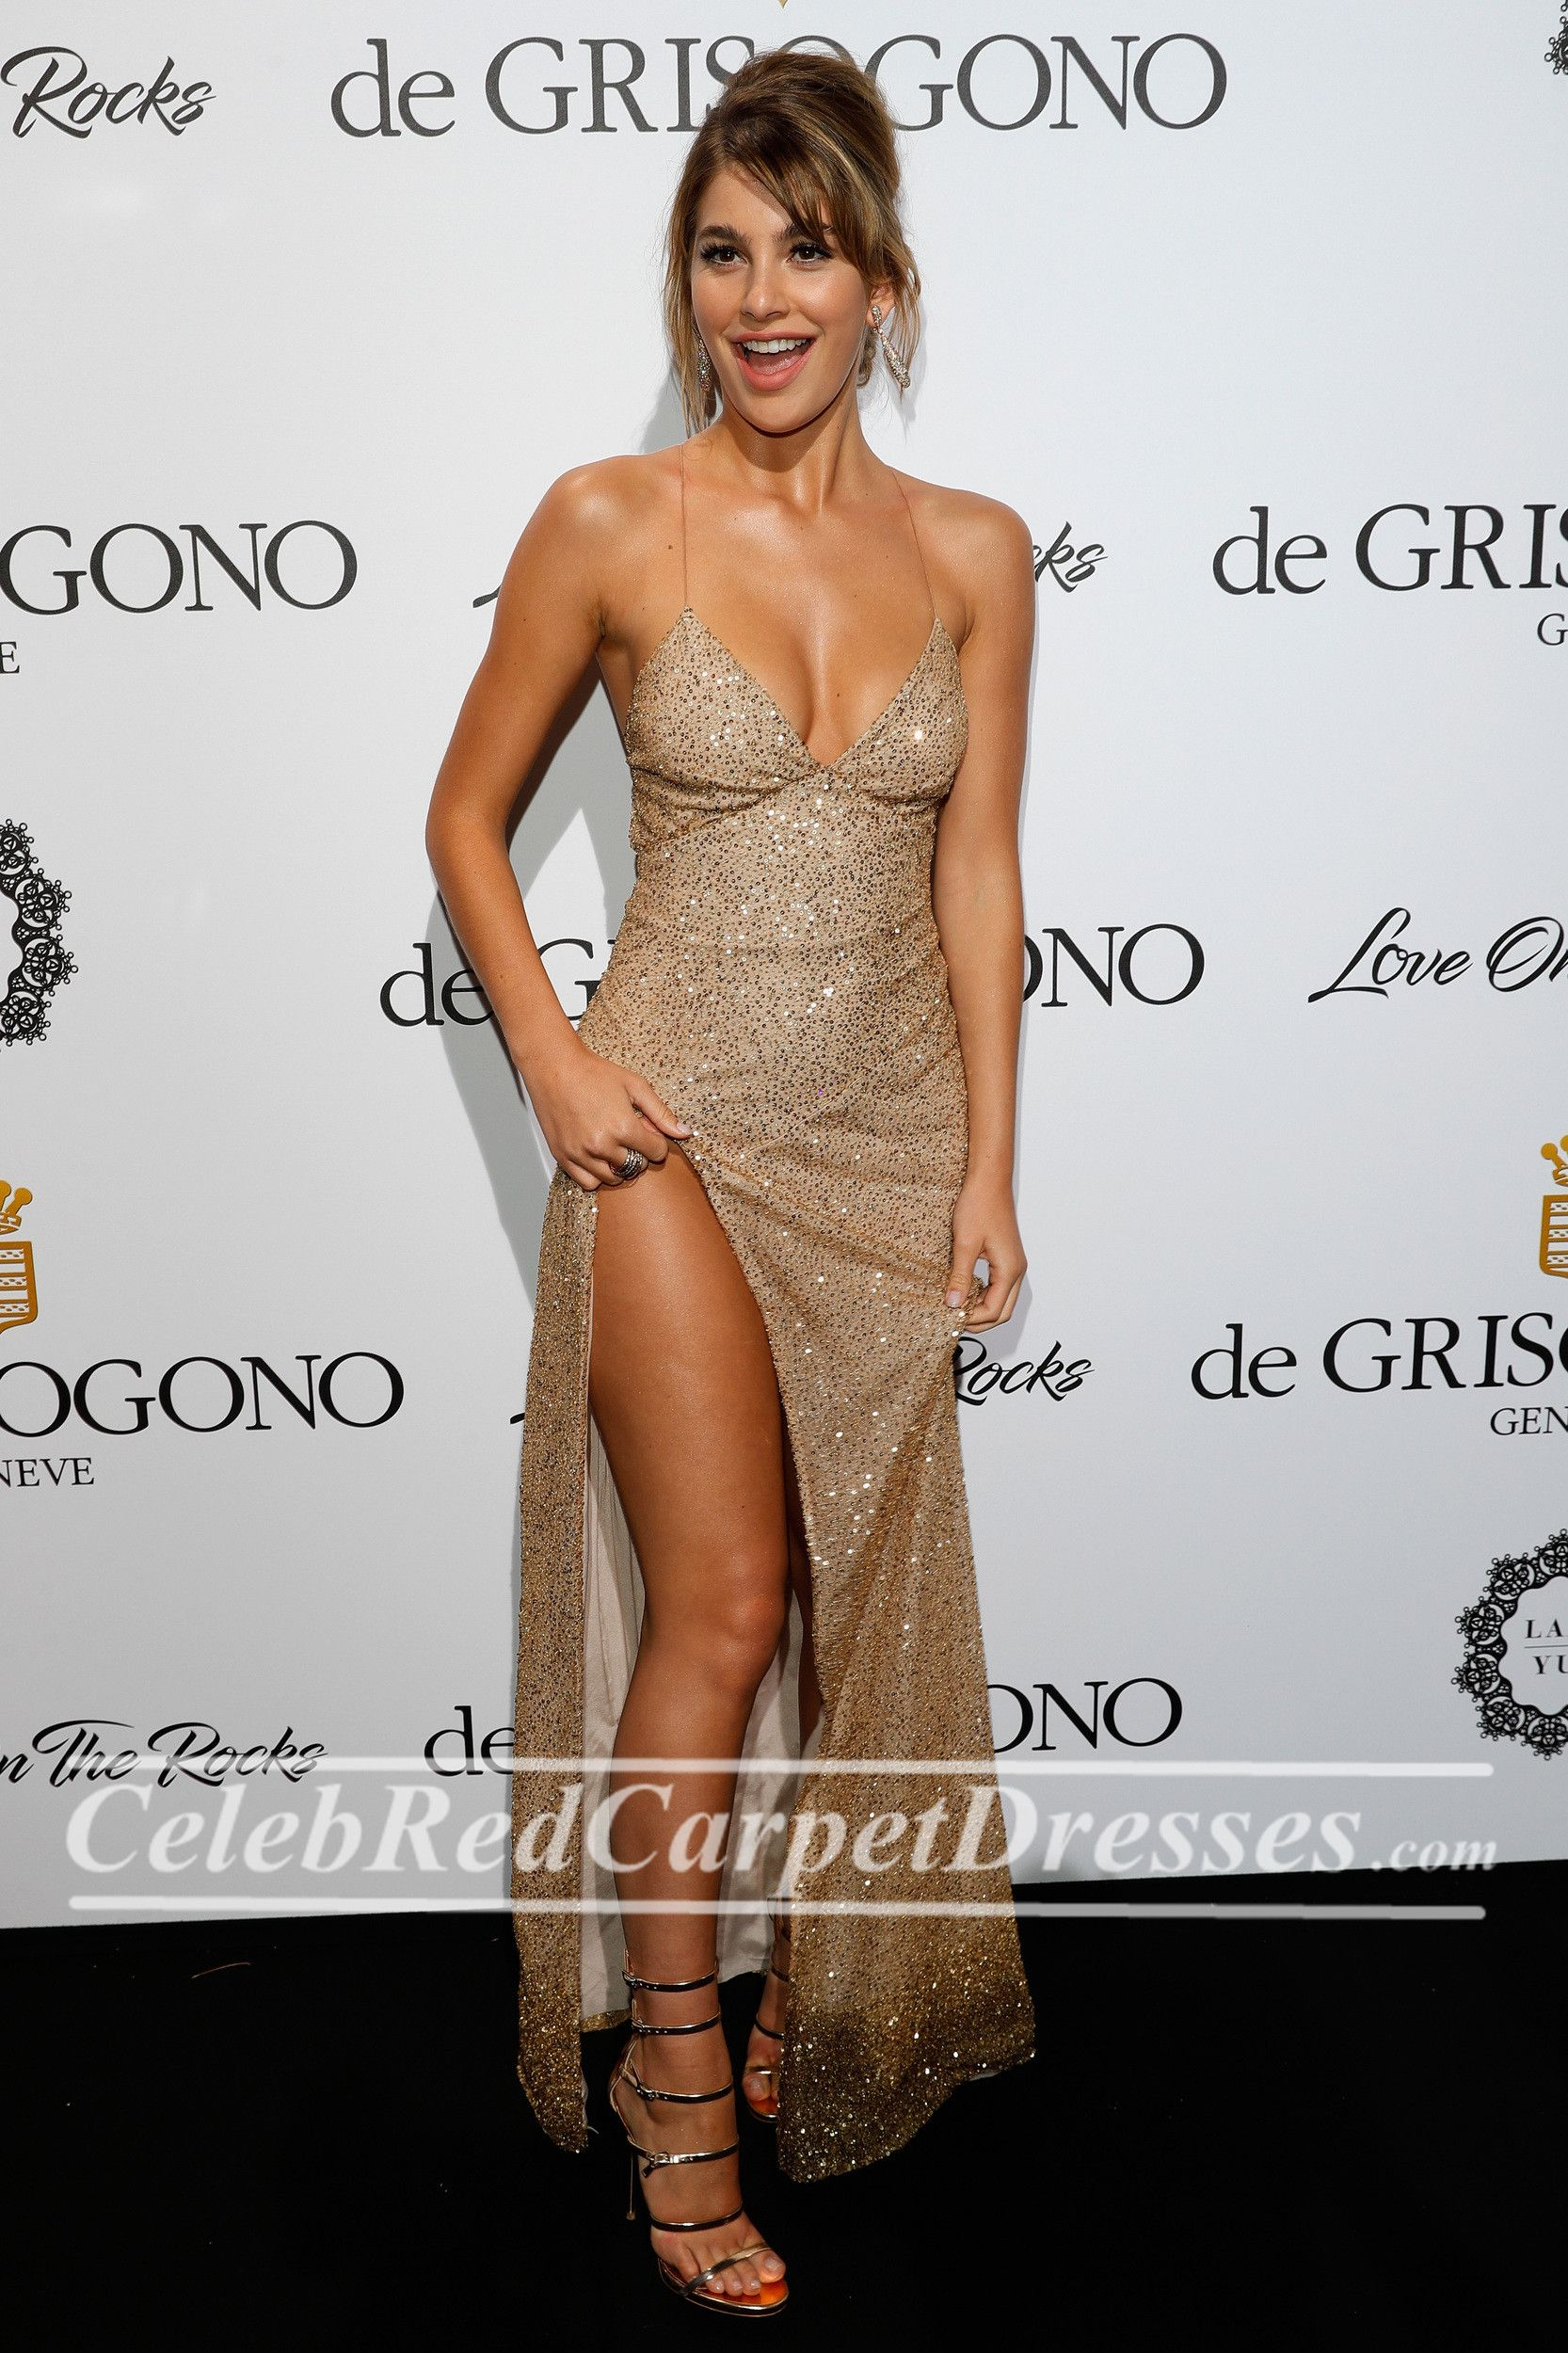 Snapchat Natalya Alberto nudes (36 pics), Tits